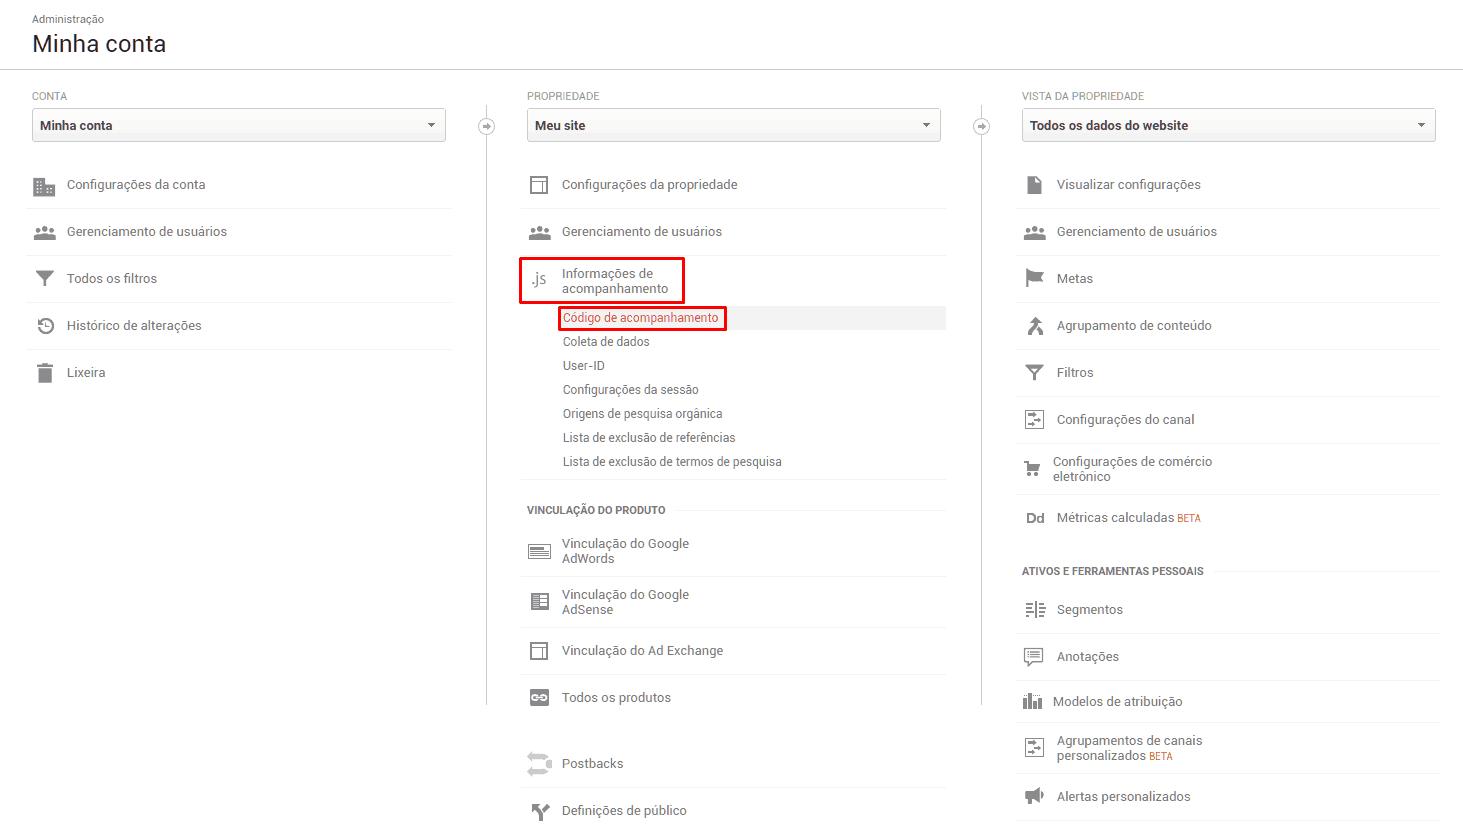 Seção do Administrador no Google Analytics